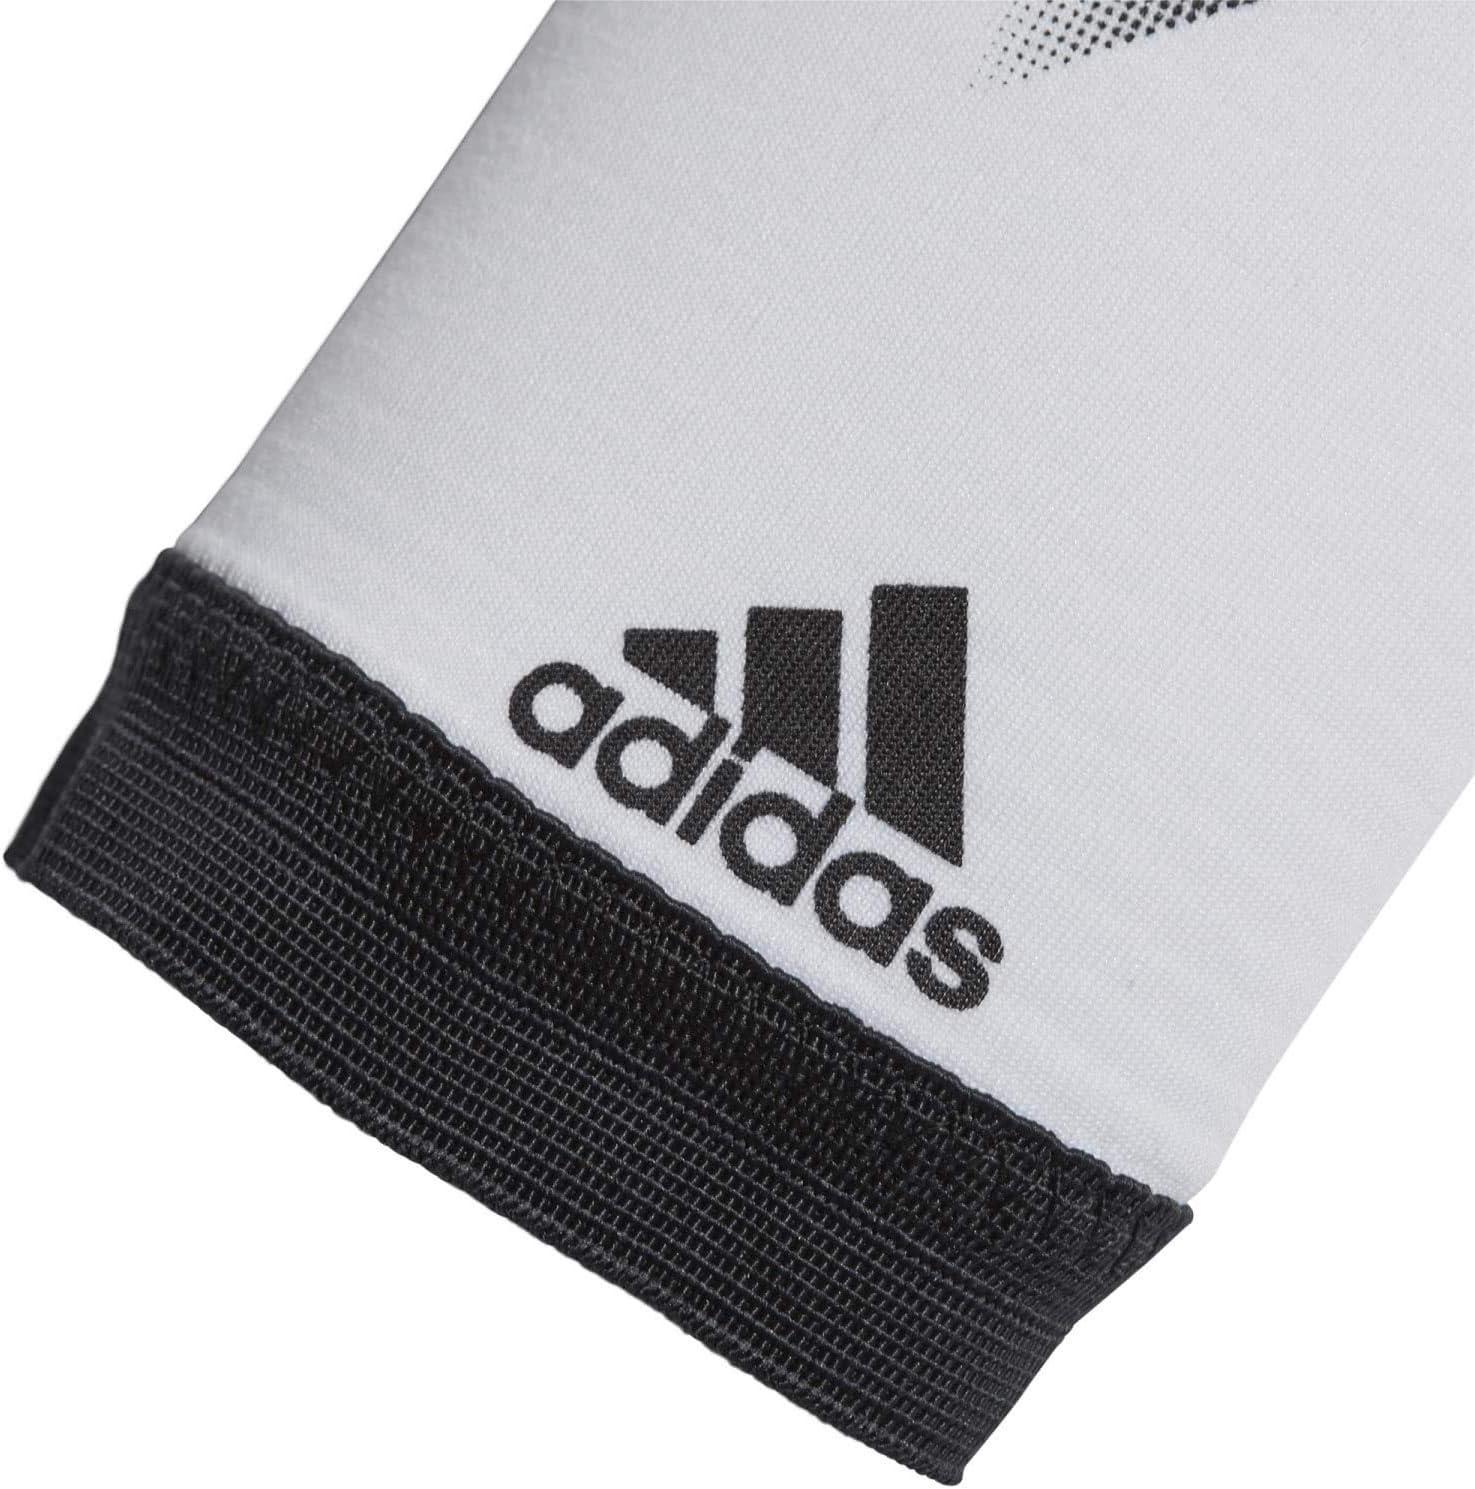 Bianco//Nero adidas X GL TRN Guanti da Portiere per Adulti Multicolore Unisex